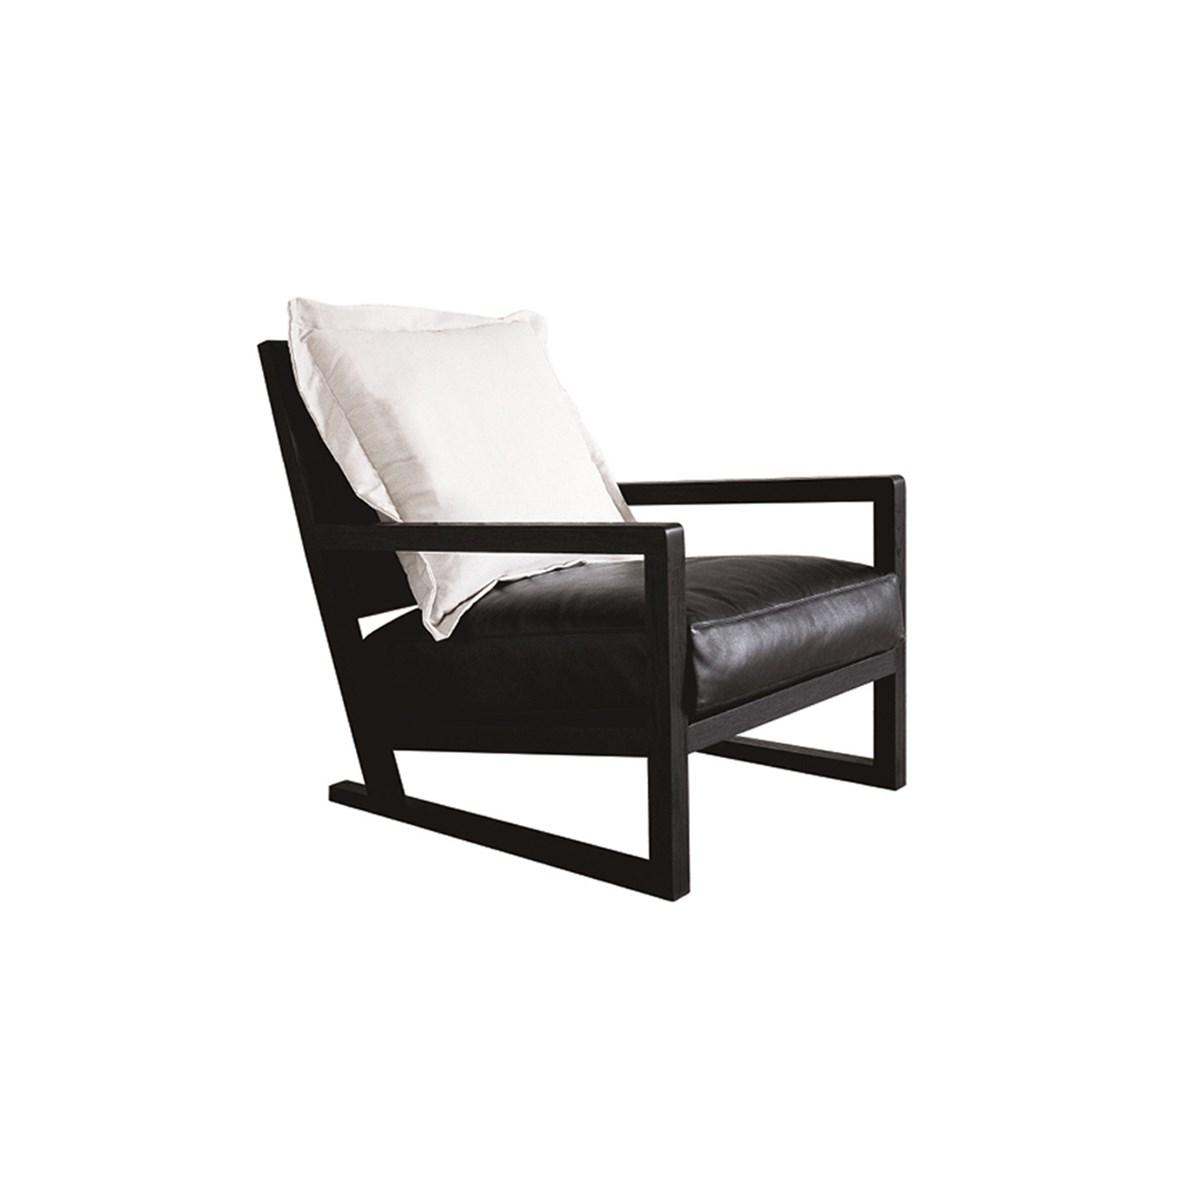 B&B-Italia-Antonio-Citterio-Clio-Armchair-Matisse-1